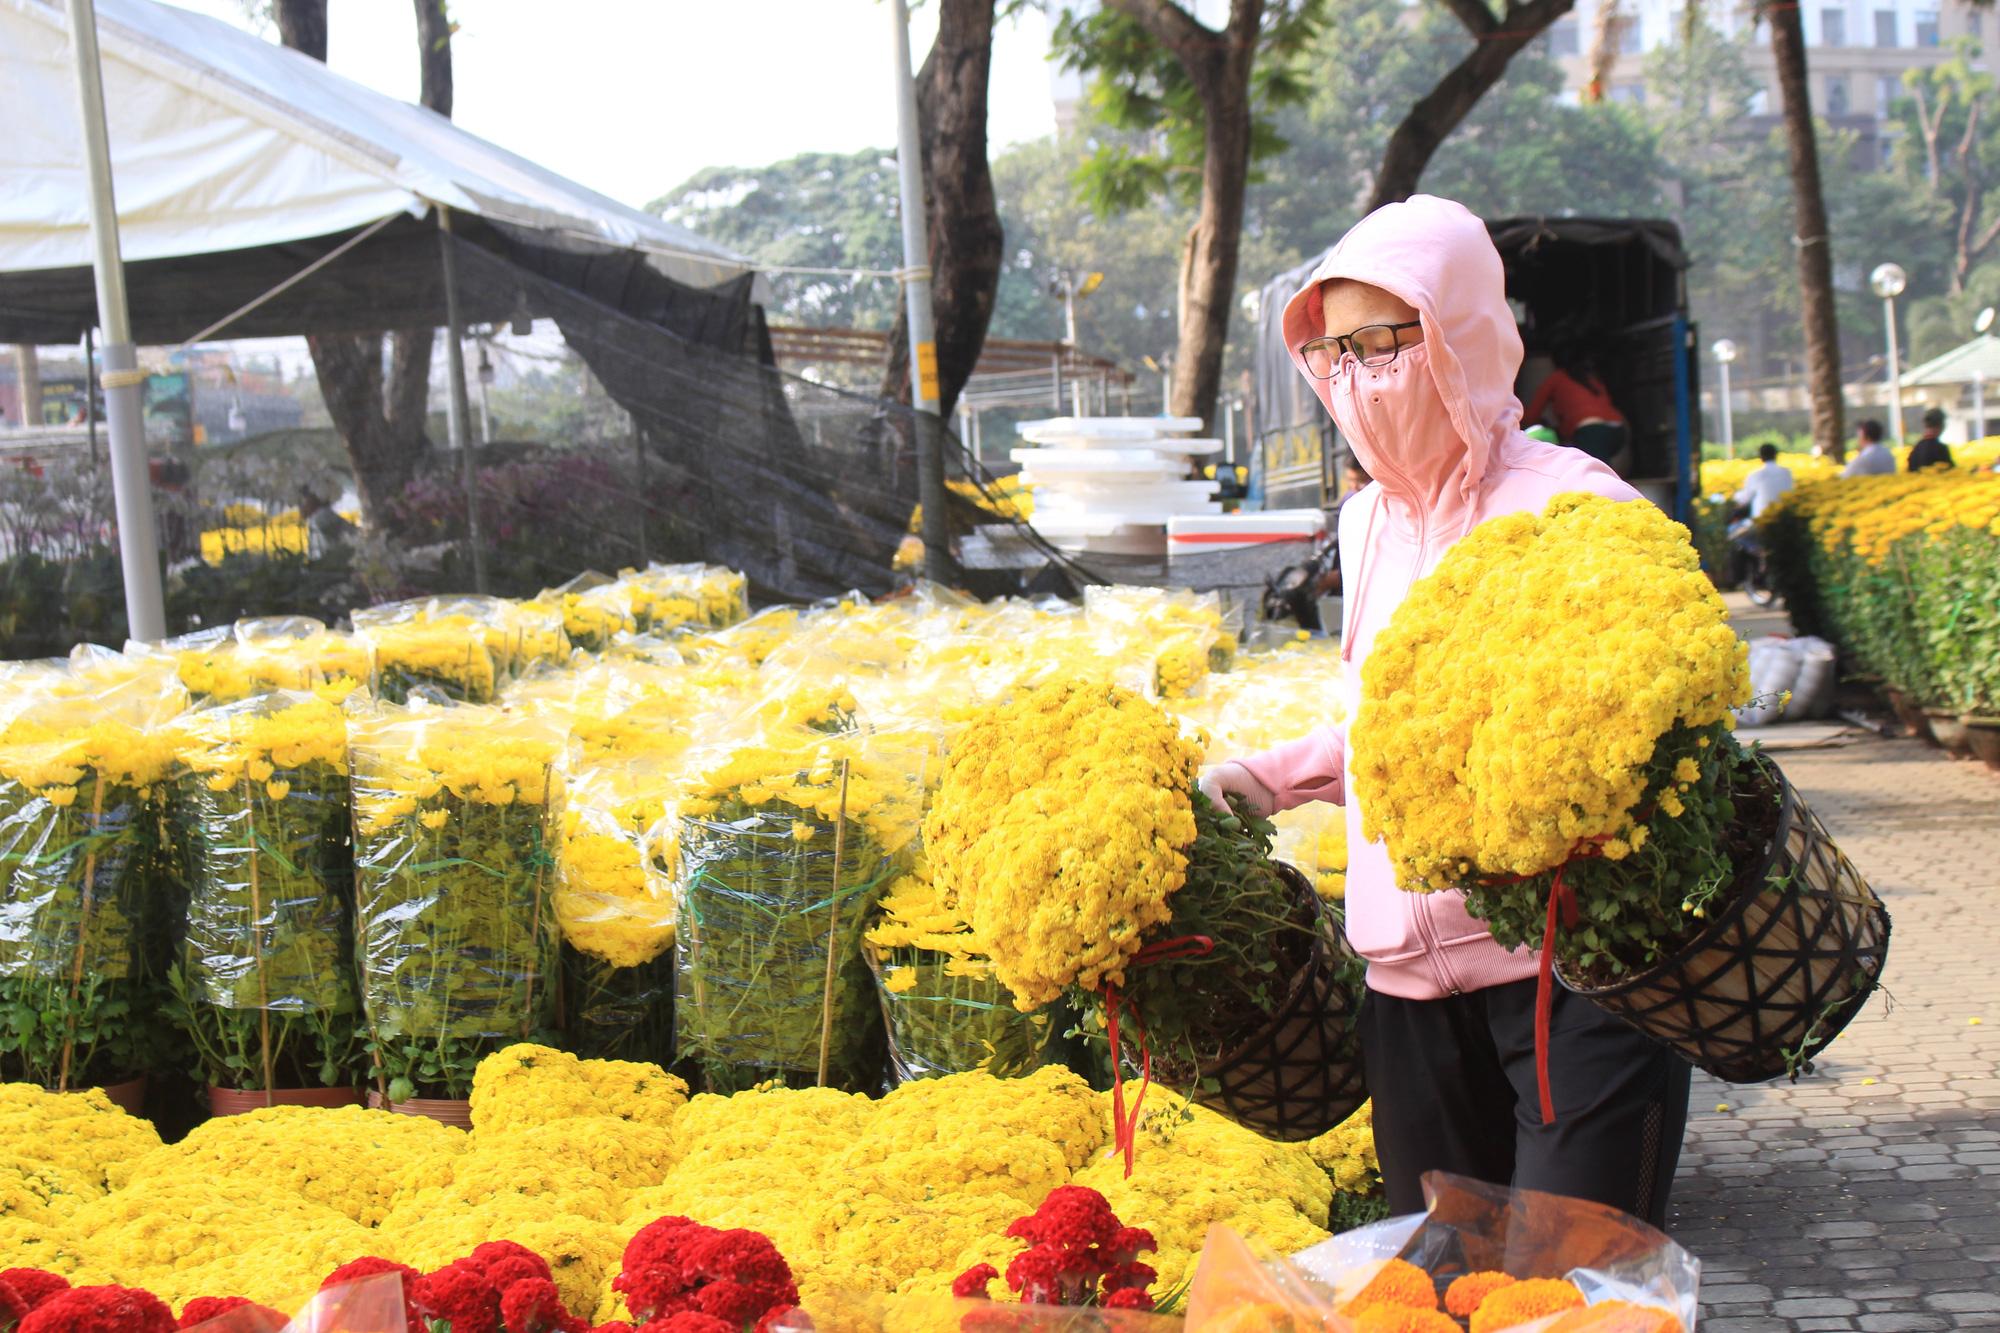 Mai, đào, tắc tiền triệu tại chợ hoa Sài Gòn ngóng người mua, có nhà vườn treo biển đồng giá 100.000 đồng mỗi chậu - Ảnh 12.